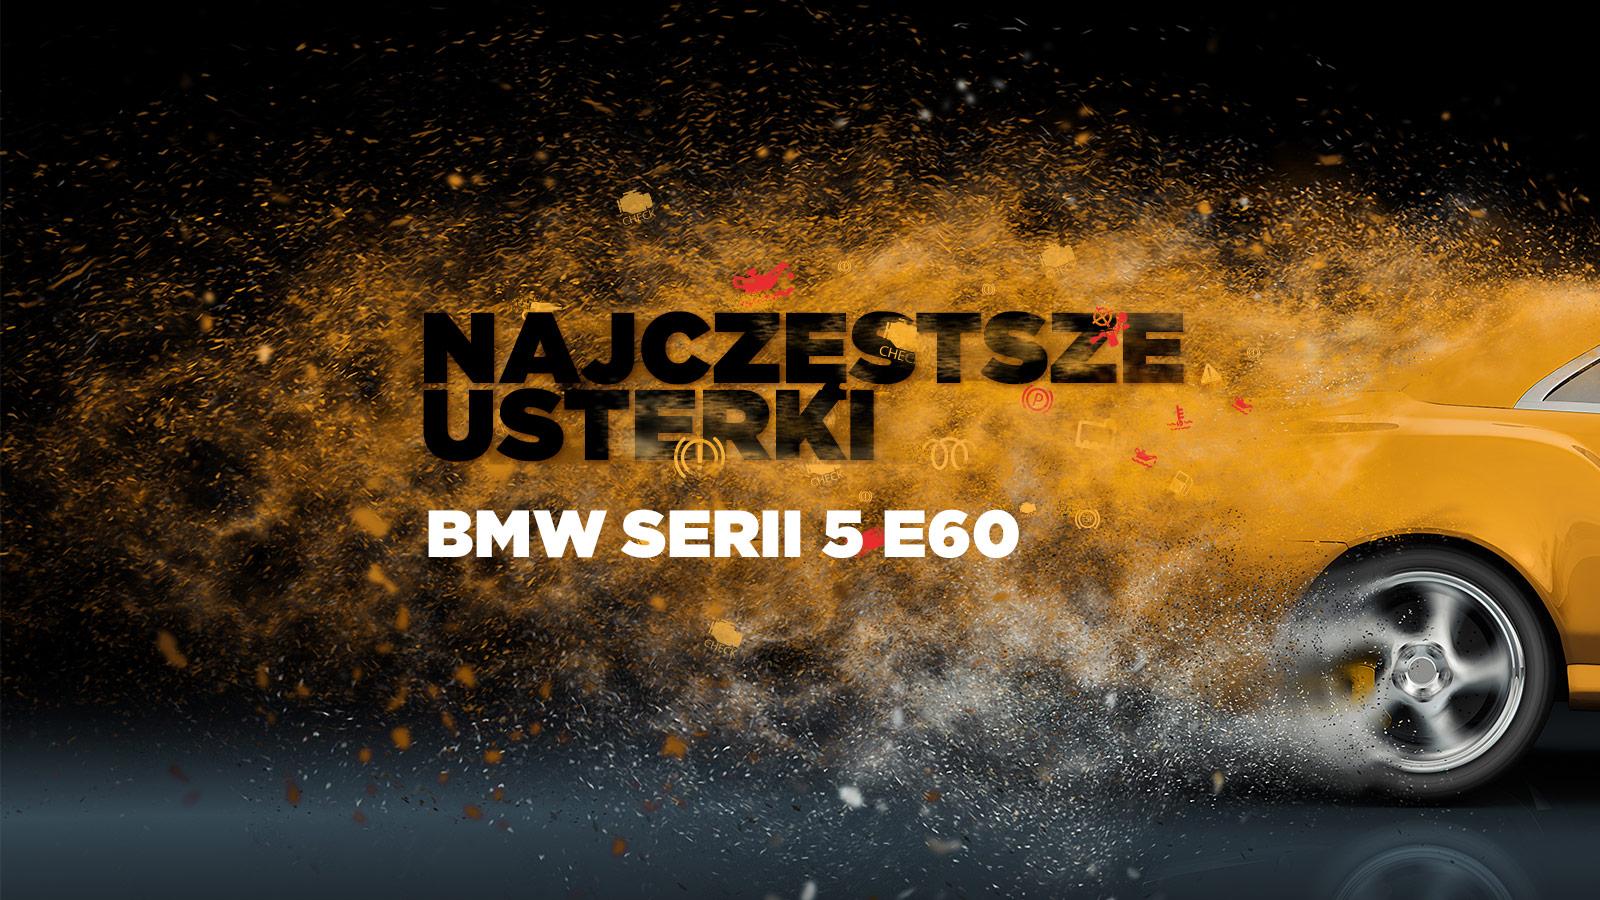 Najczęstsze usterki BMW serii 5 E60